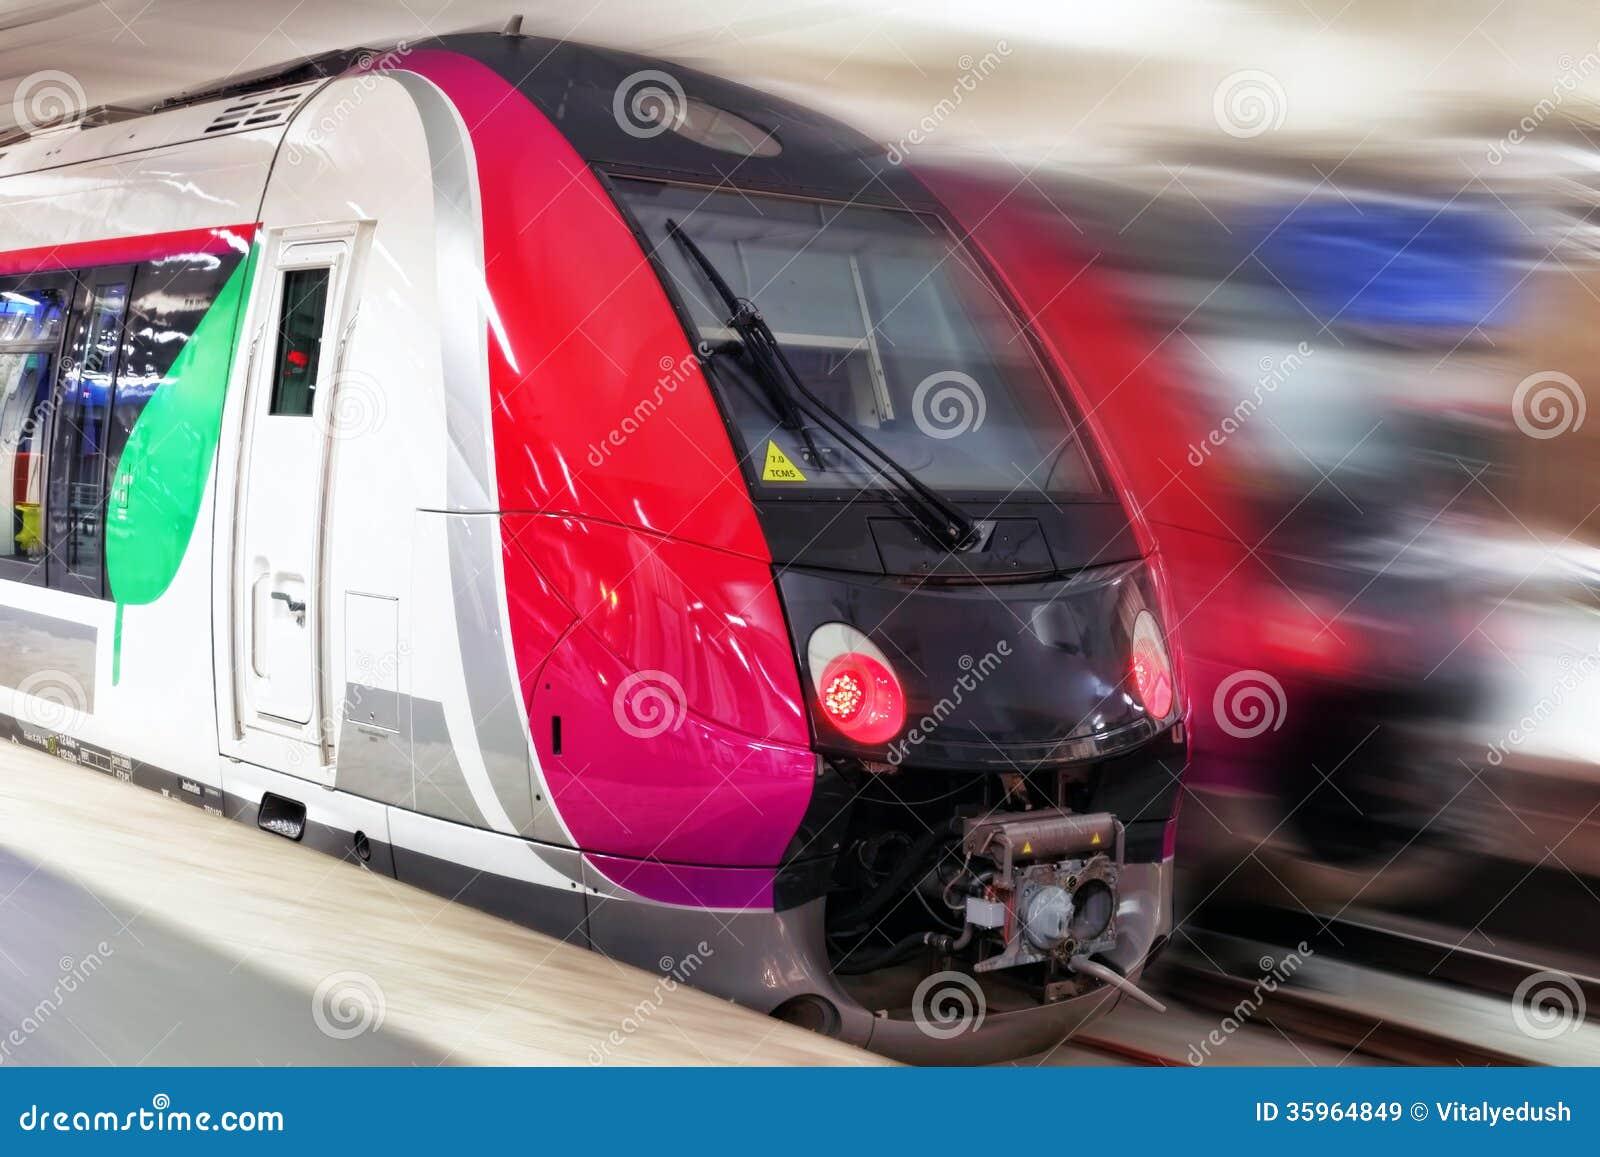 Tren de pasajeros rápido moderno.